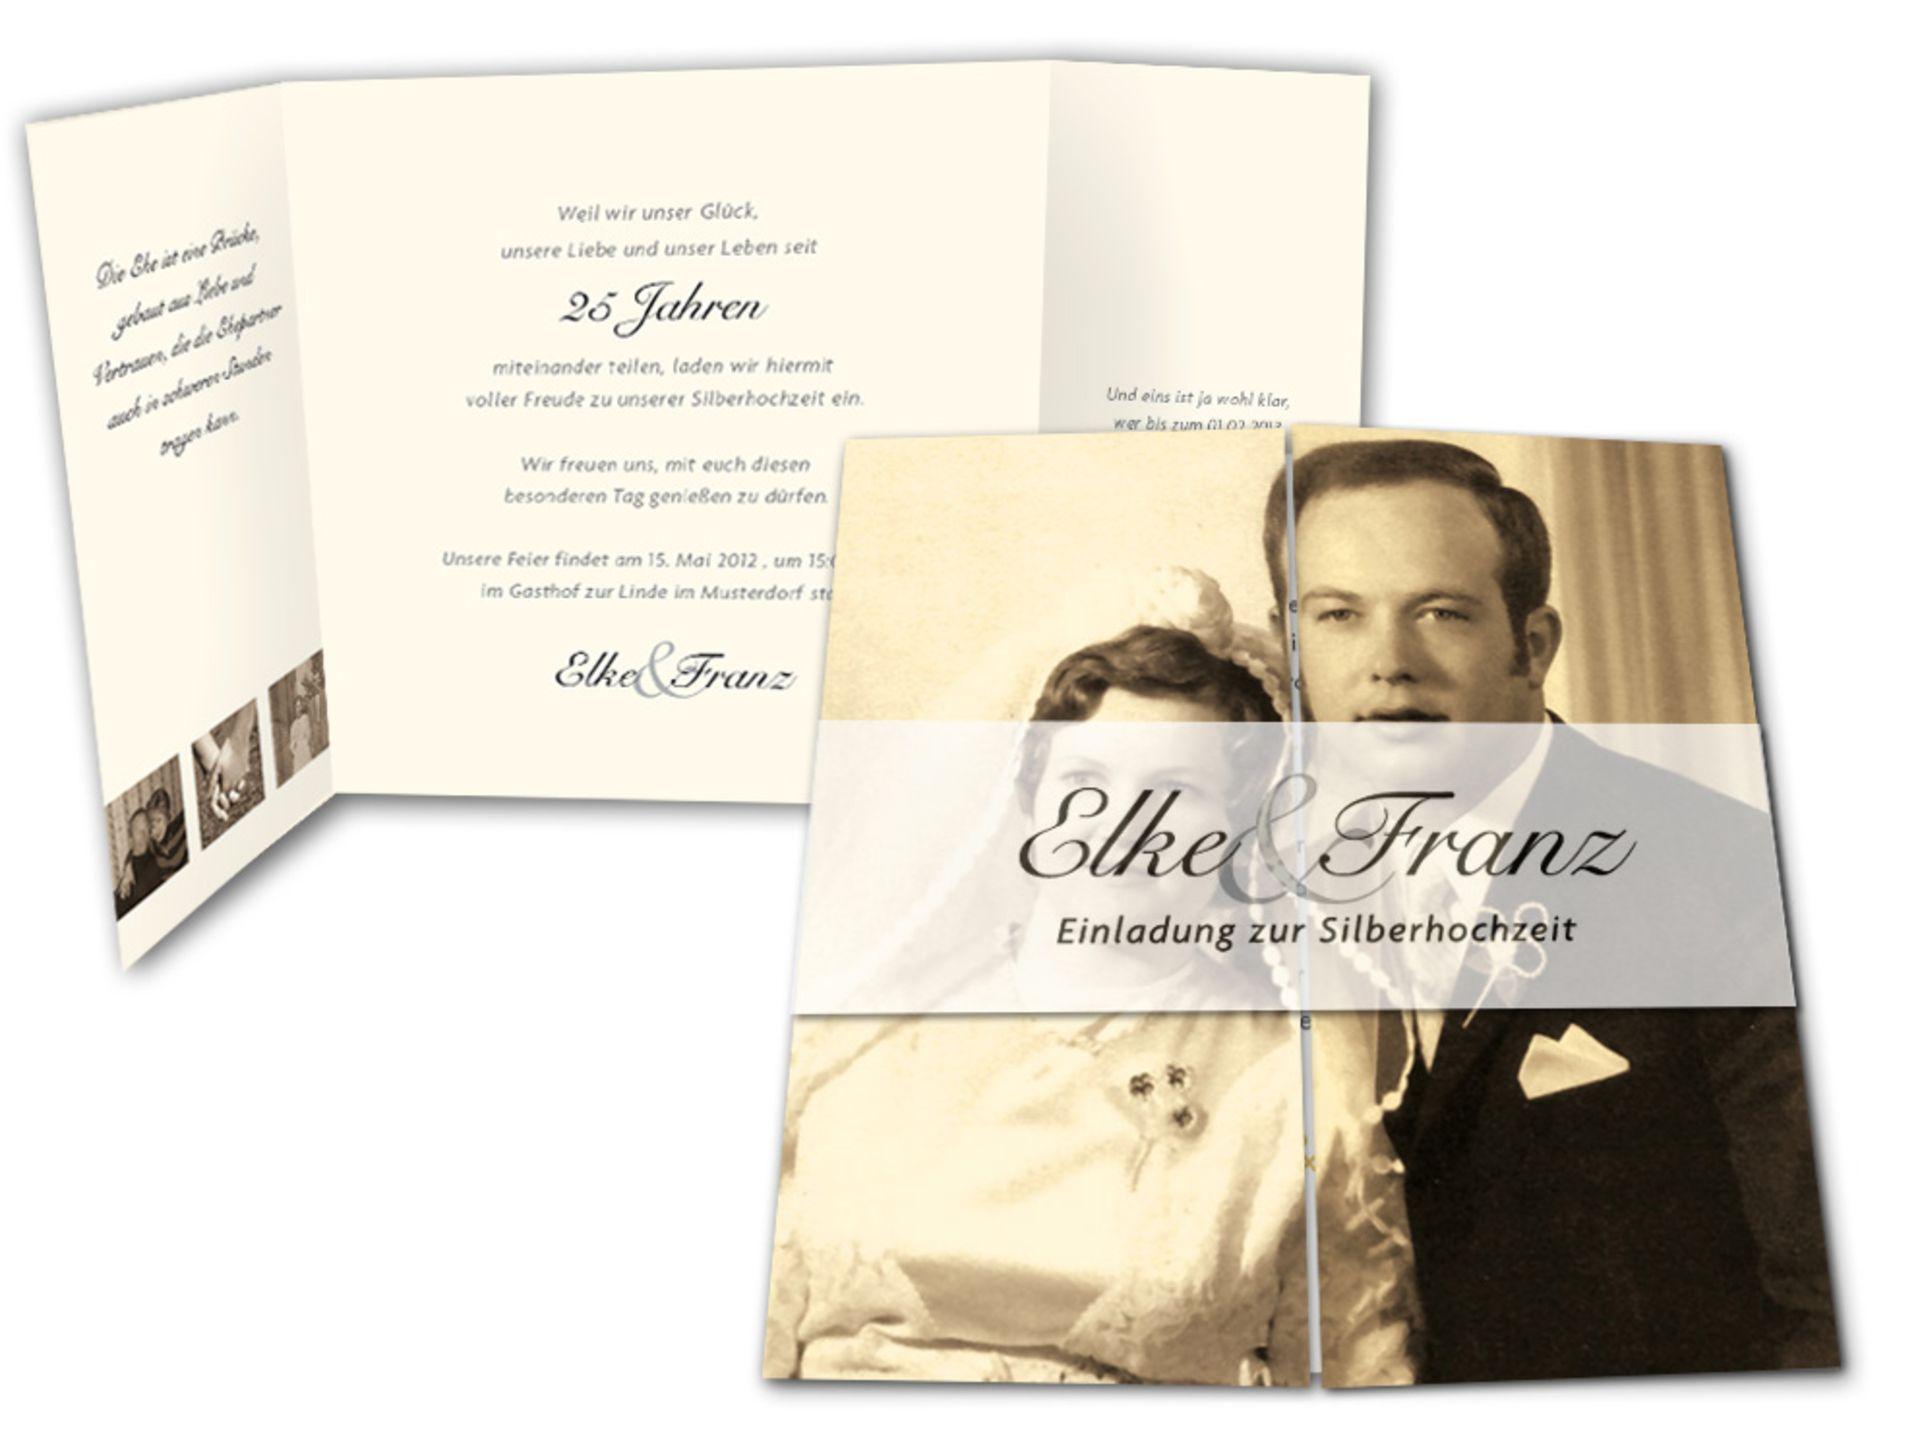 silberhochzeit feiern - einladungskarten und einladungstexte, Einladung